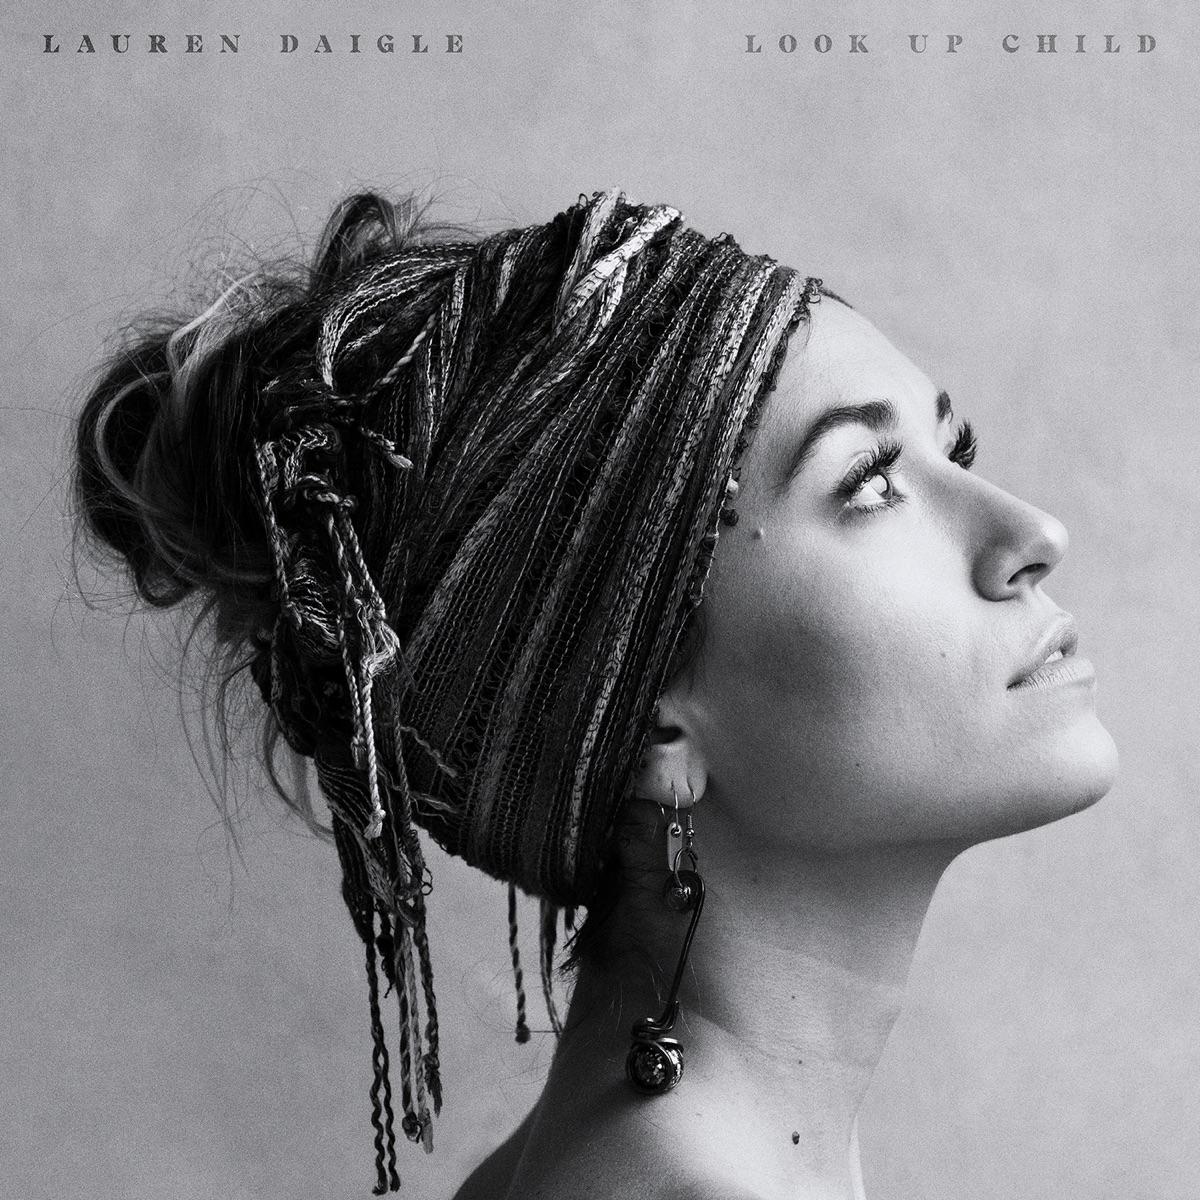 Look Up Child Lauren Daigle CD cover